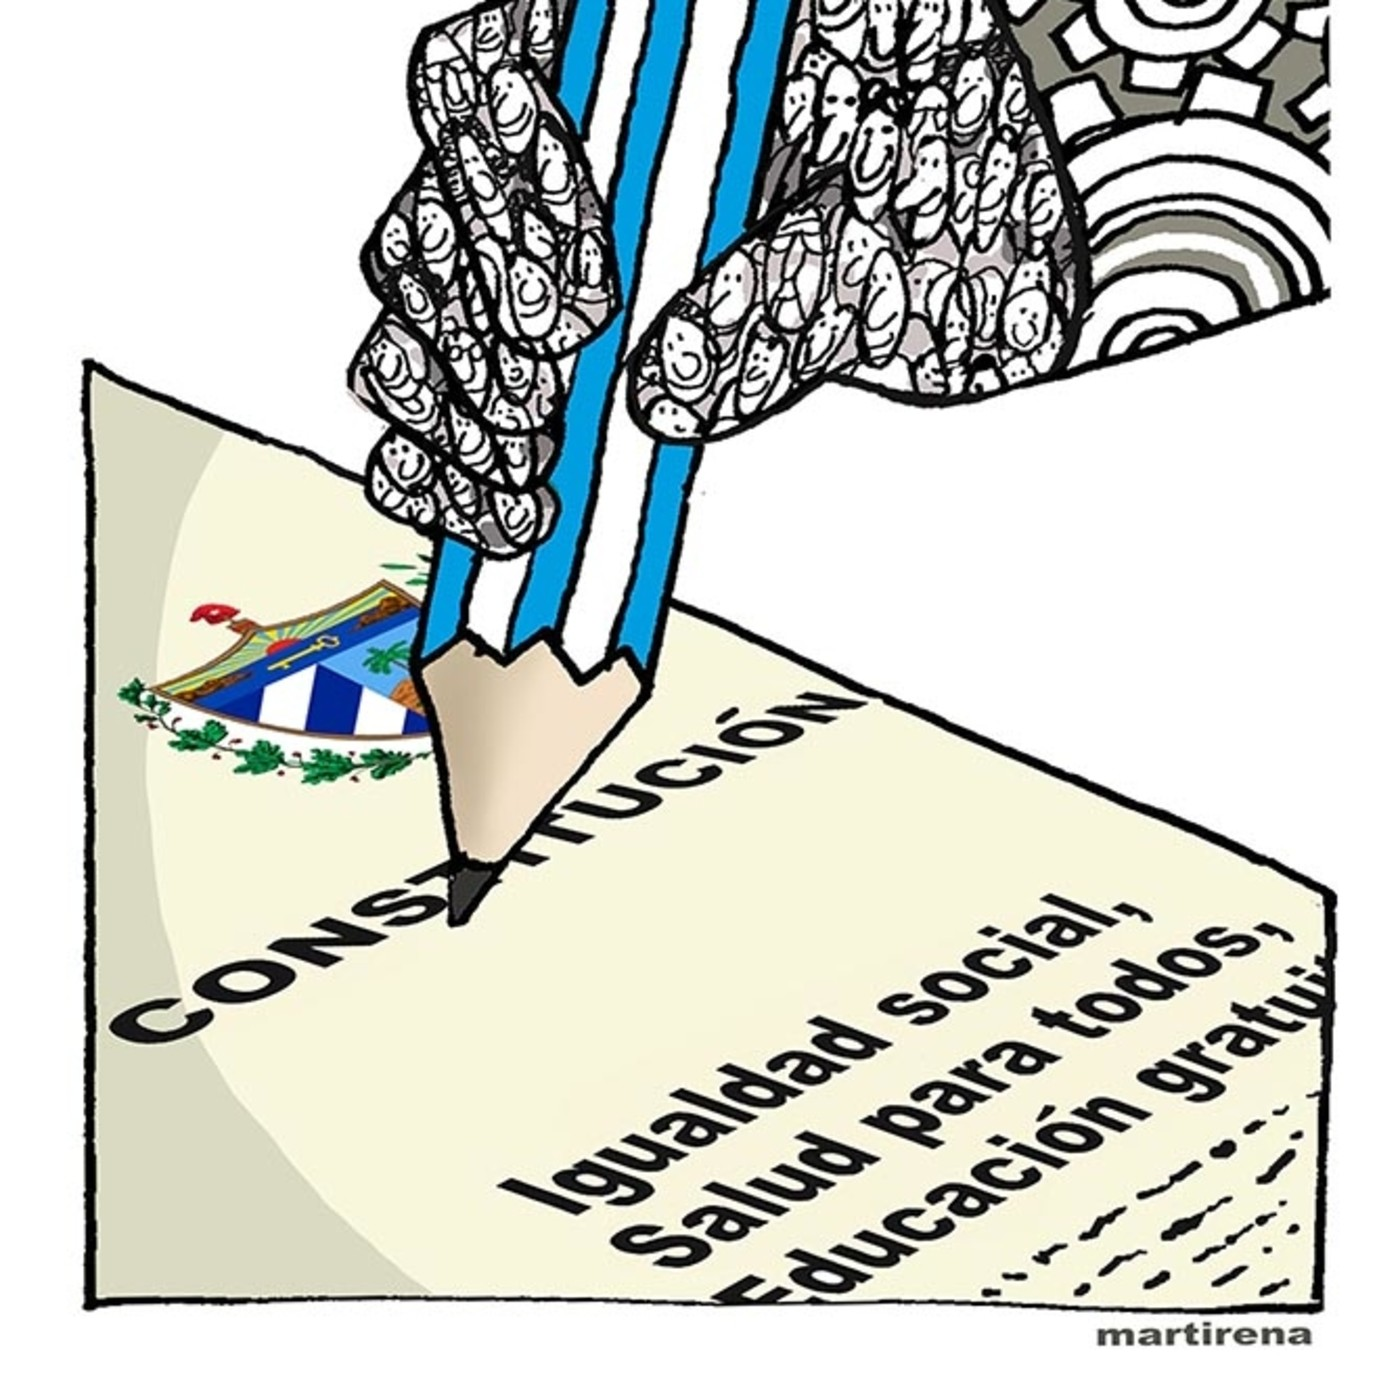 La Constitución que mueve a toda la nación